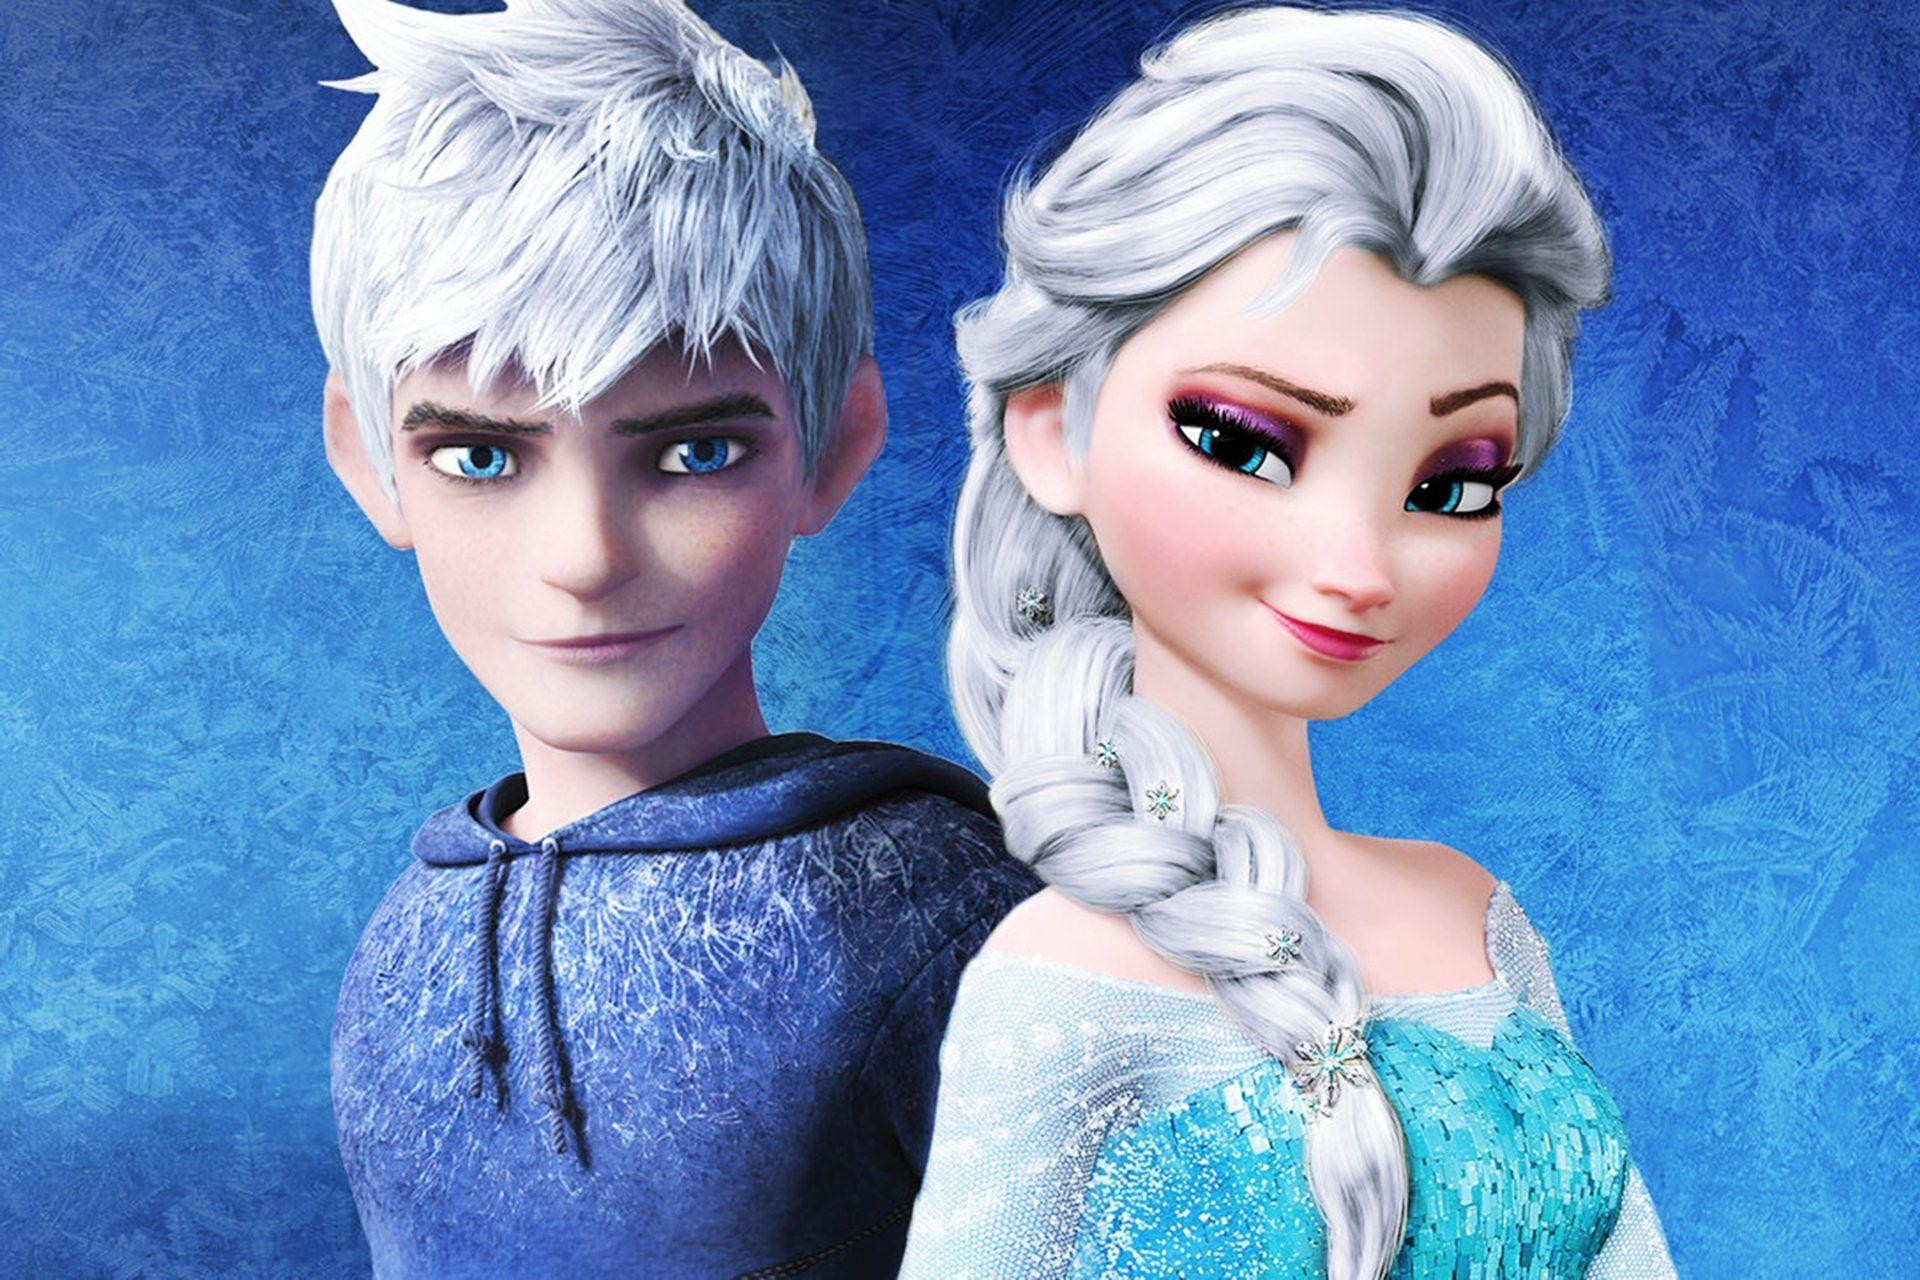 Elsa and Jack Frost Wallpapers – WallpaperSafari